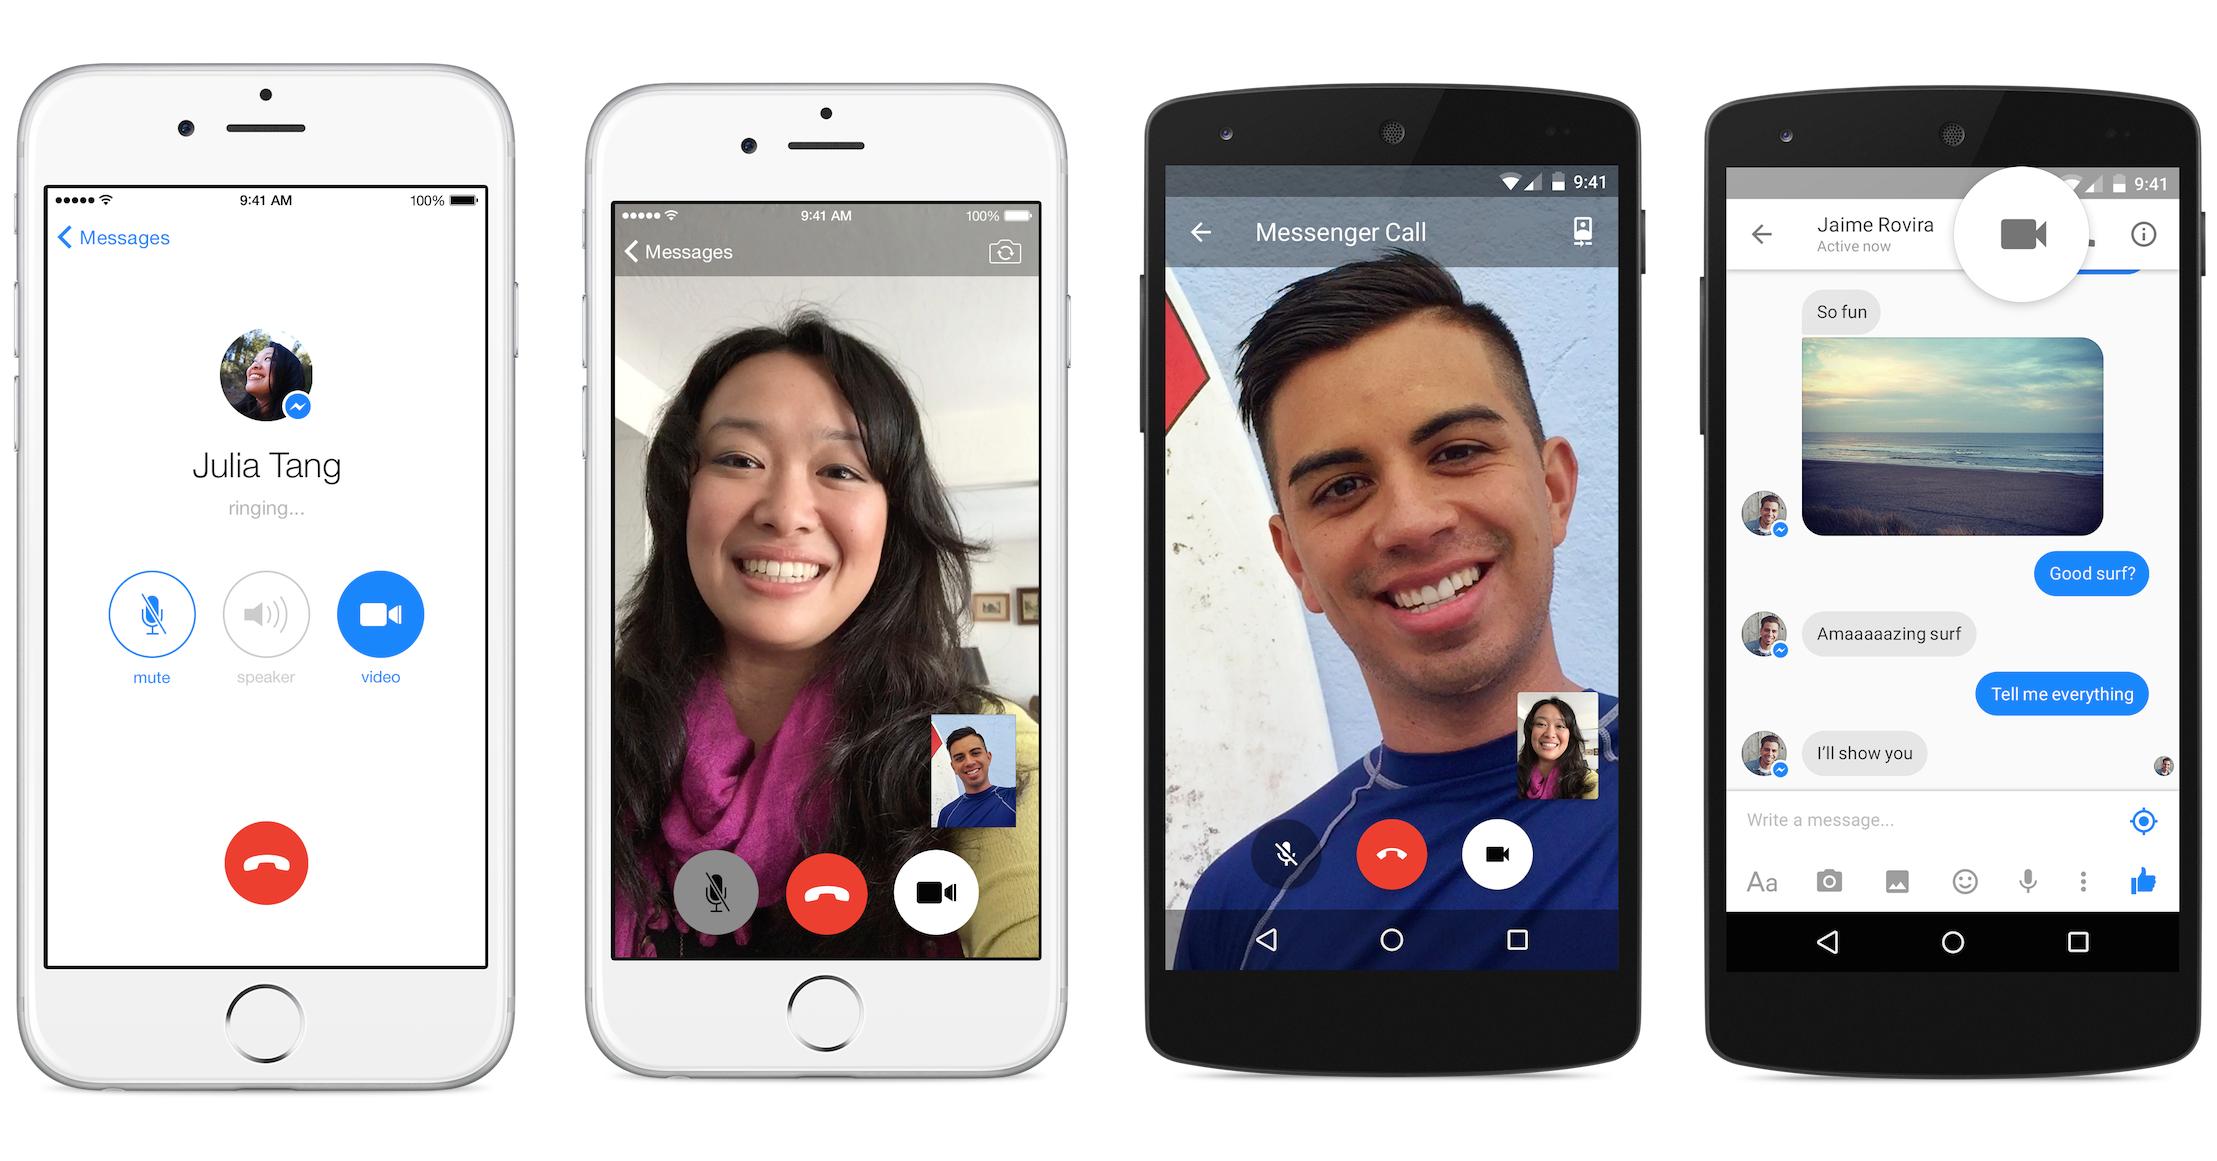 Do messenger calls show on phone bill